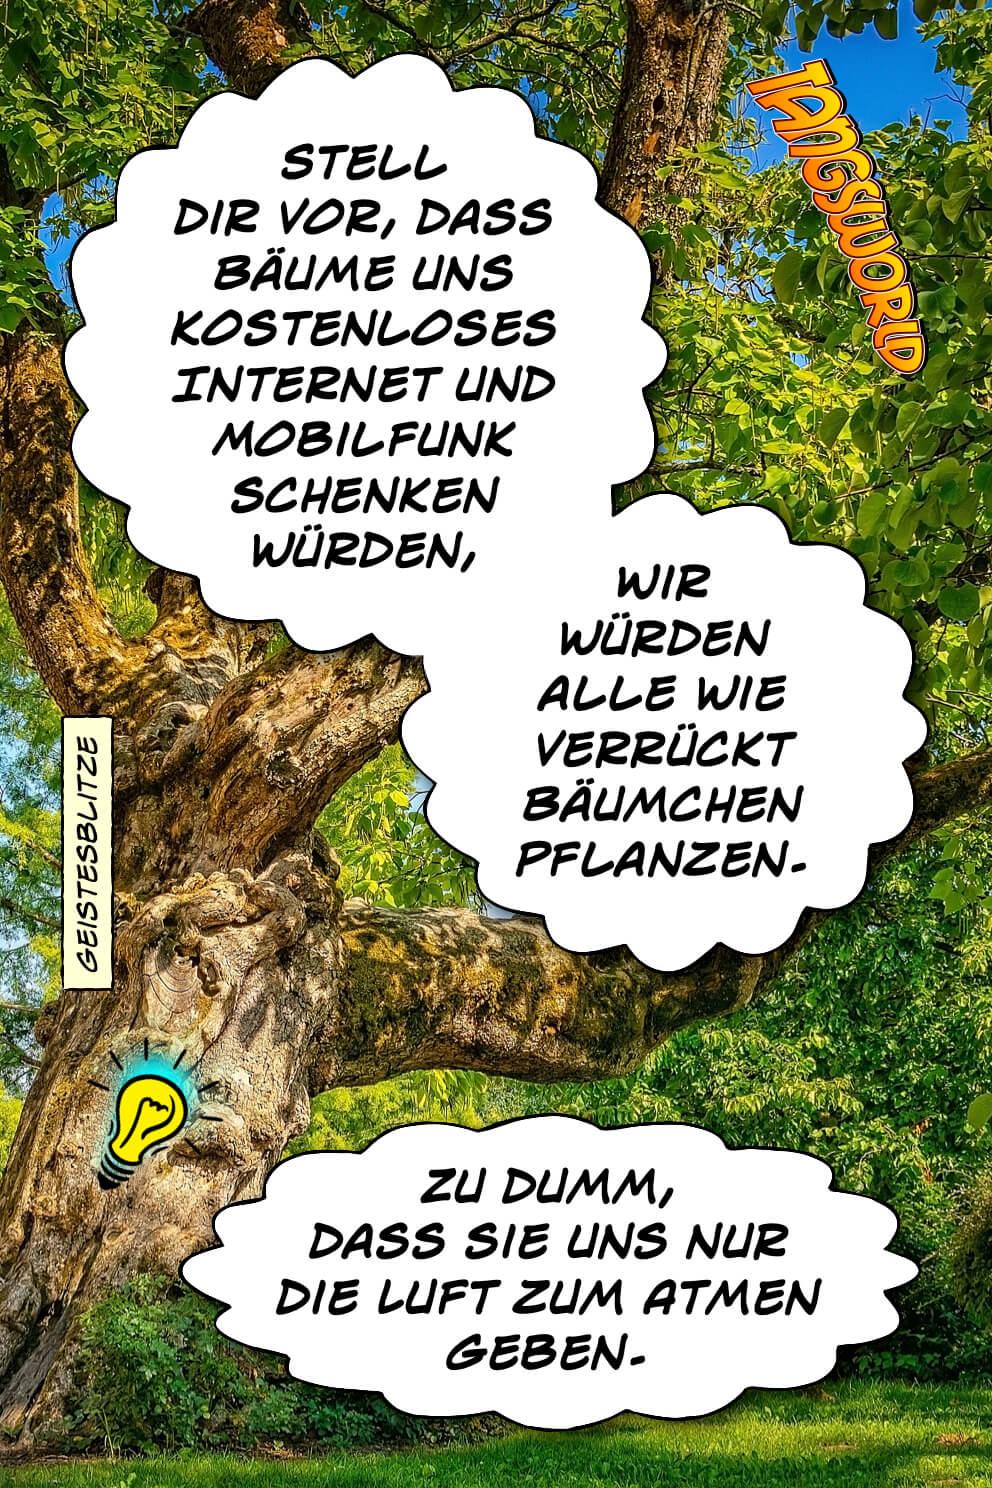 Stell dir vor, dass Bäume uns kostenloses Internet und Mobilfunk schenken würden. Wir würde alle wie verrückt Bäumchen pflanzen. Zu dumm, dass sie uns nur die Luft zum Atmen geben. - Geistesblitze